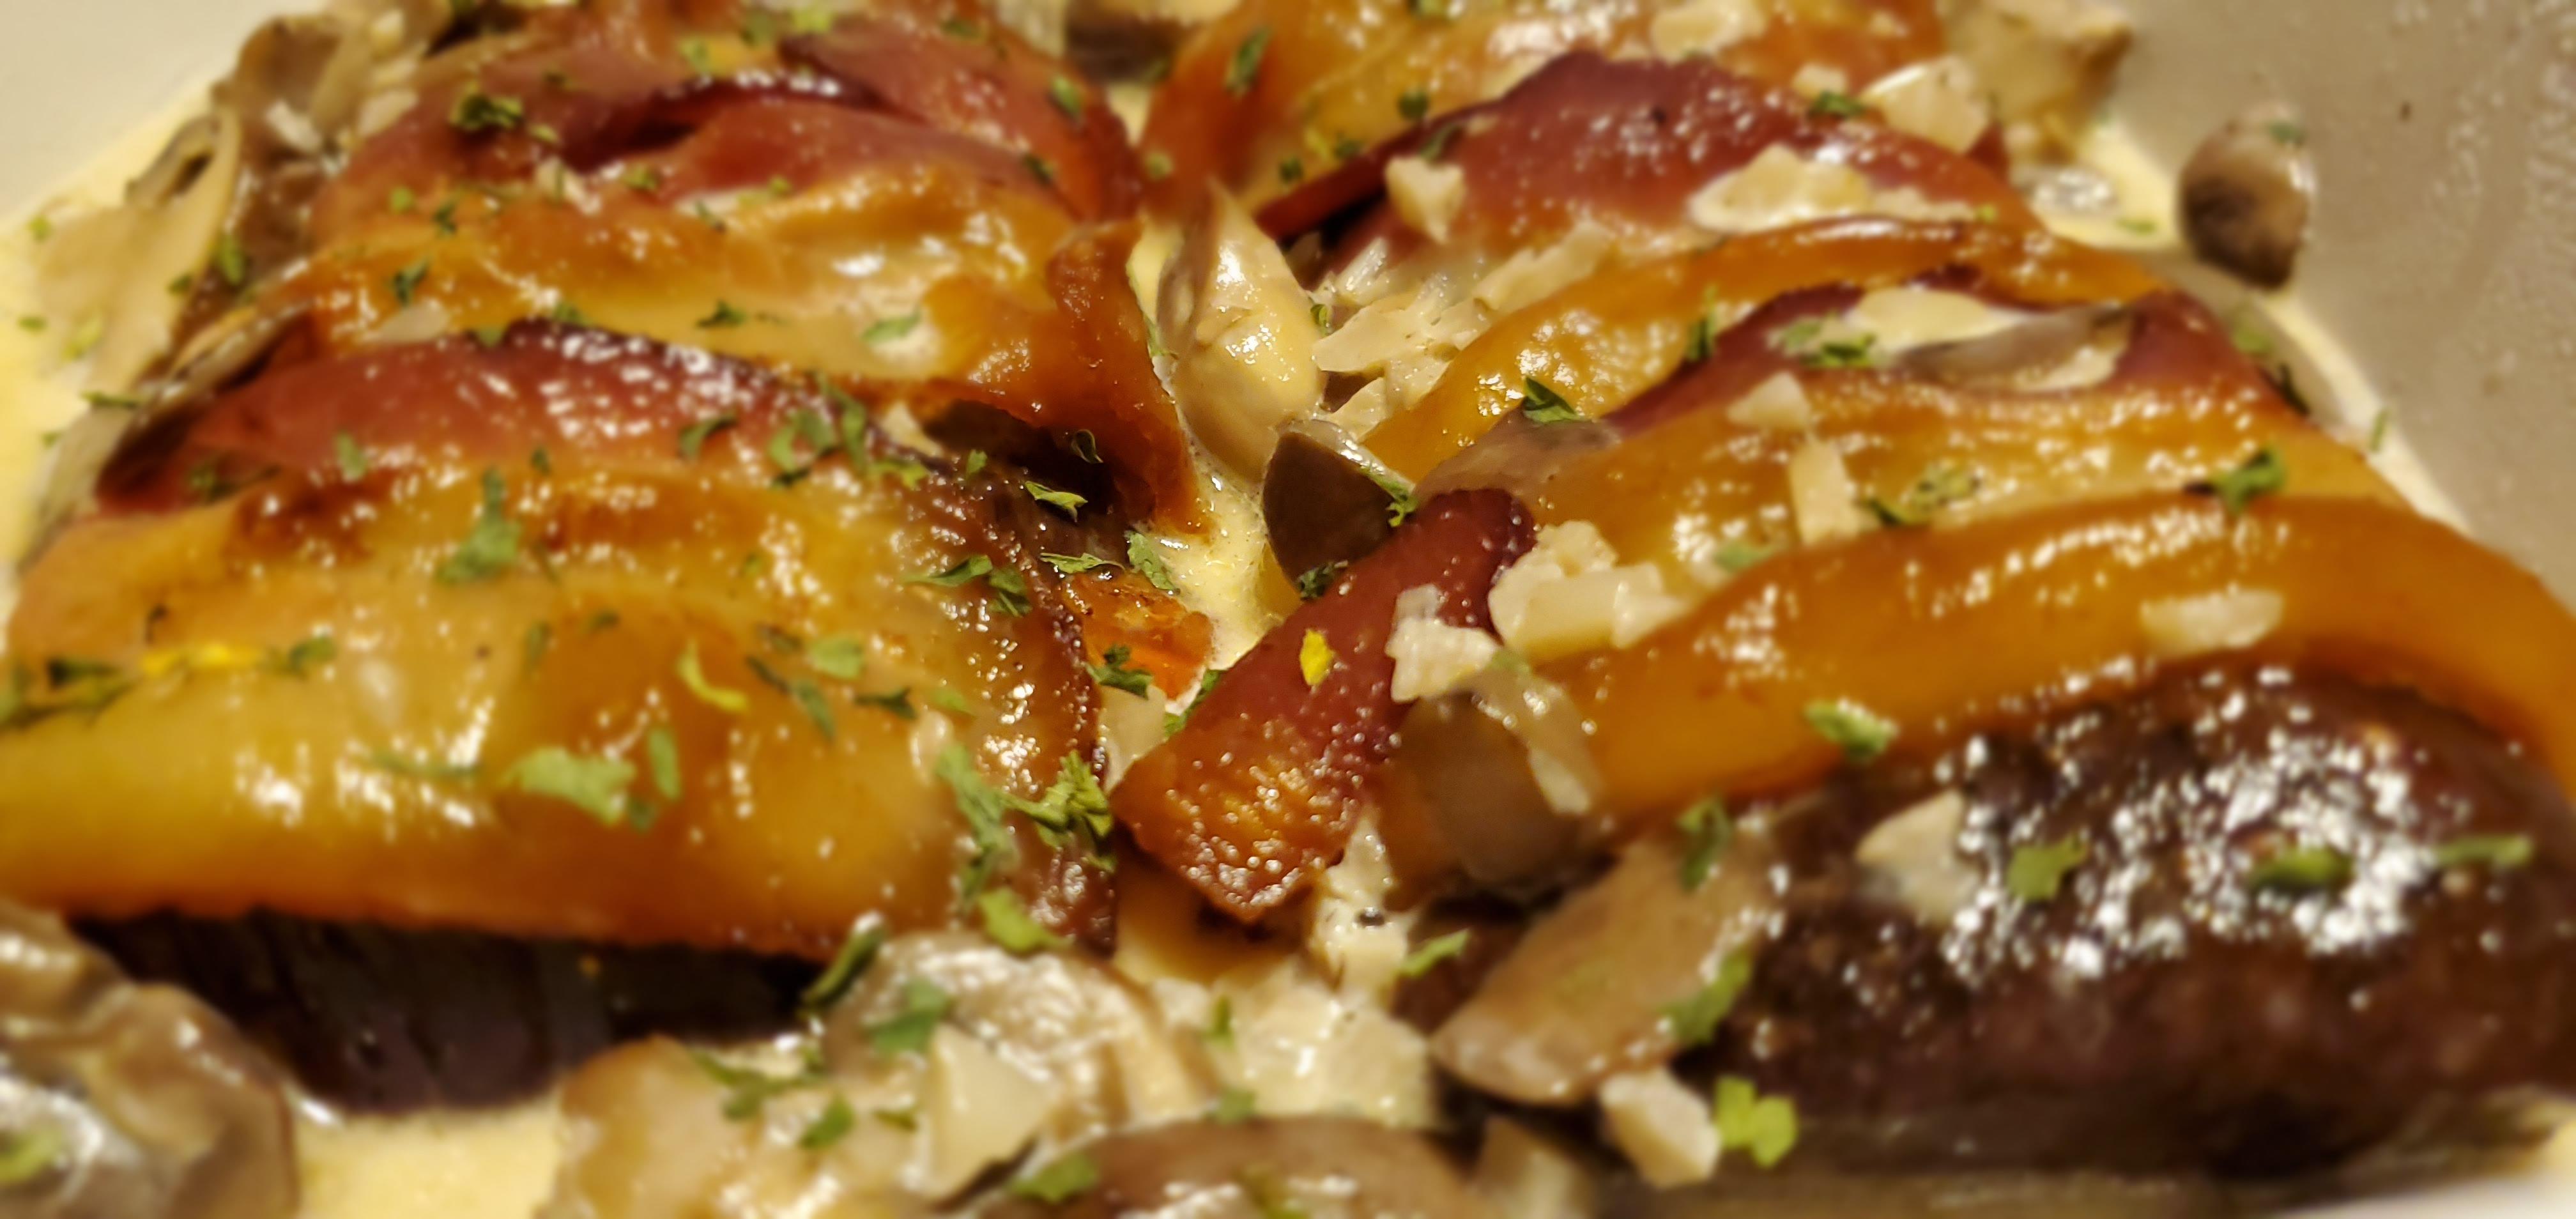 Bacon-Wrapped Venison Tenderloin with Garlic Cream Sauce Shannon Lake